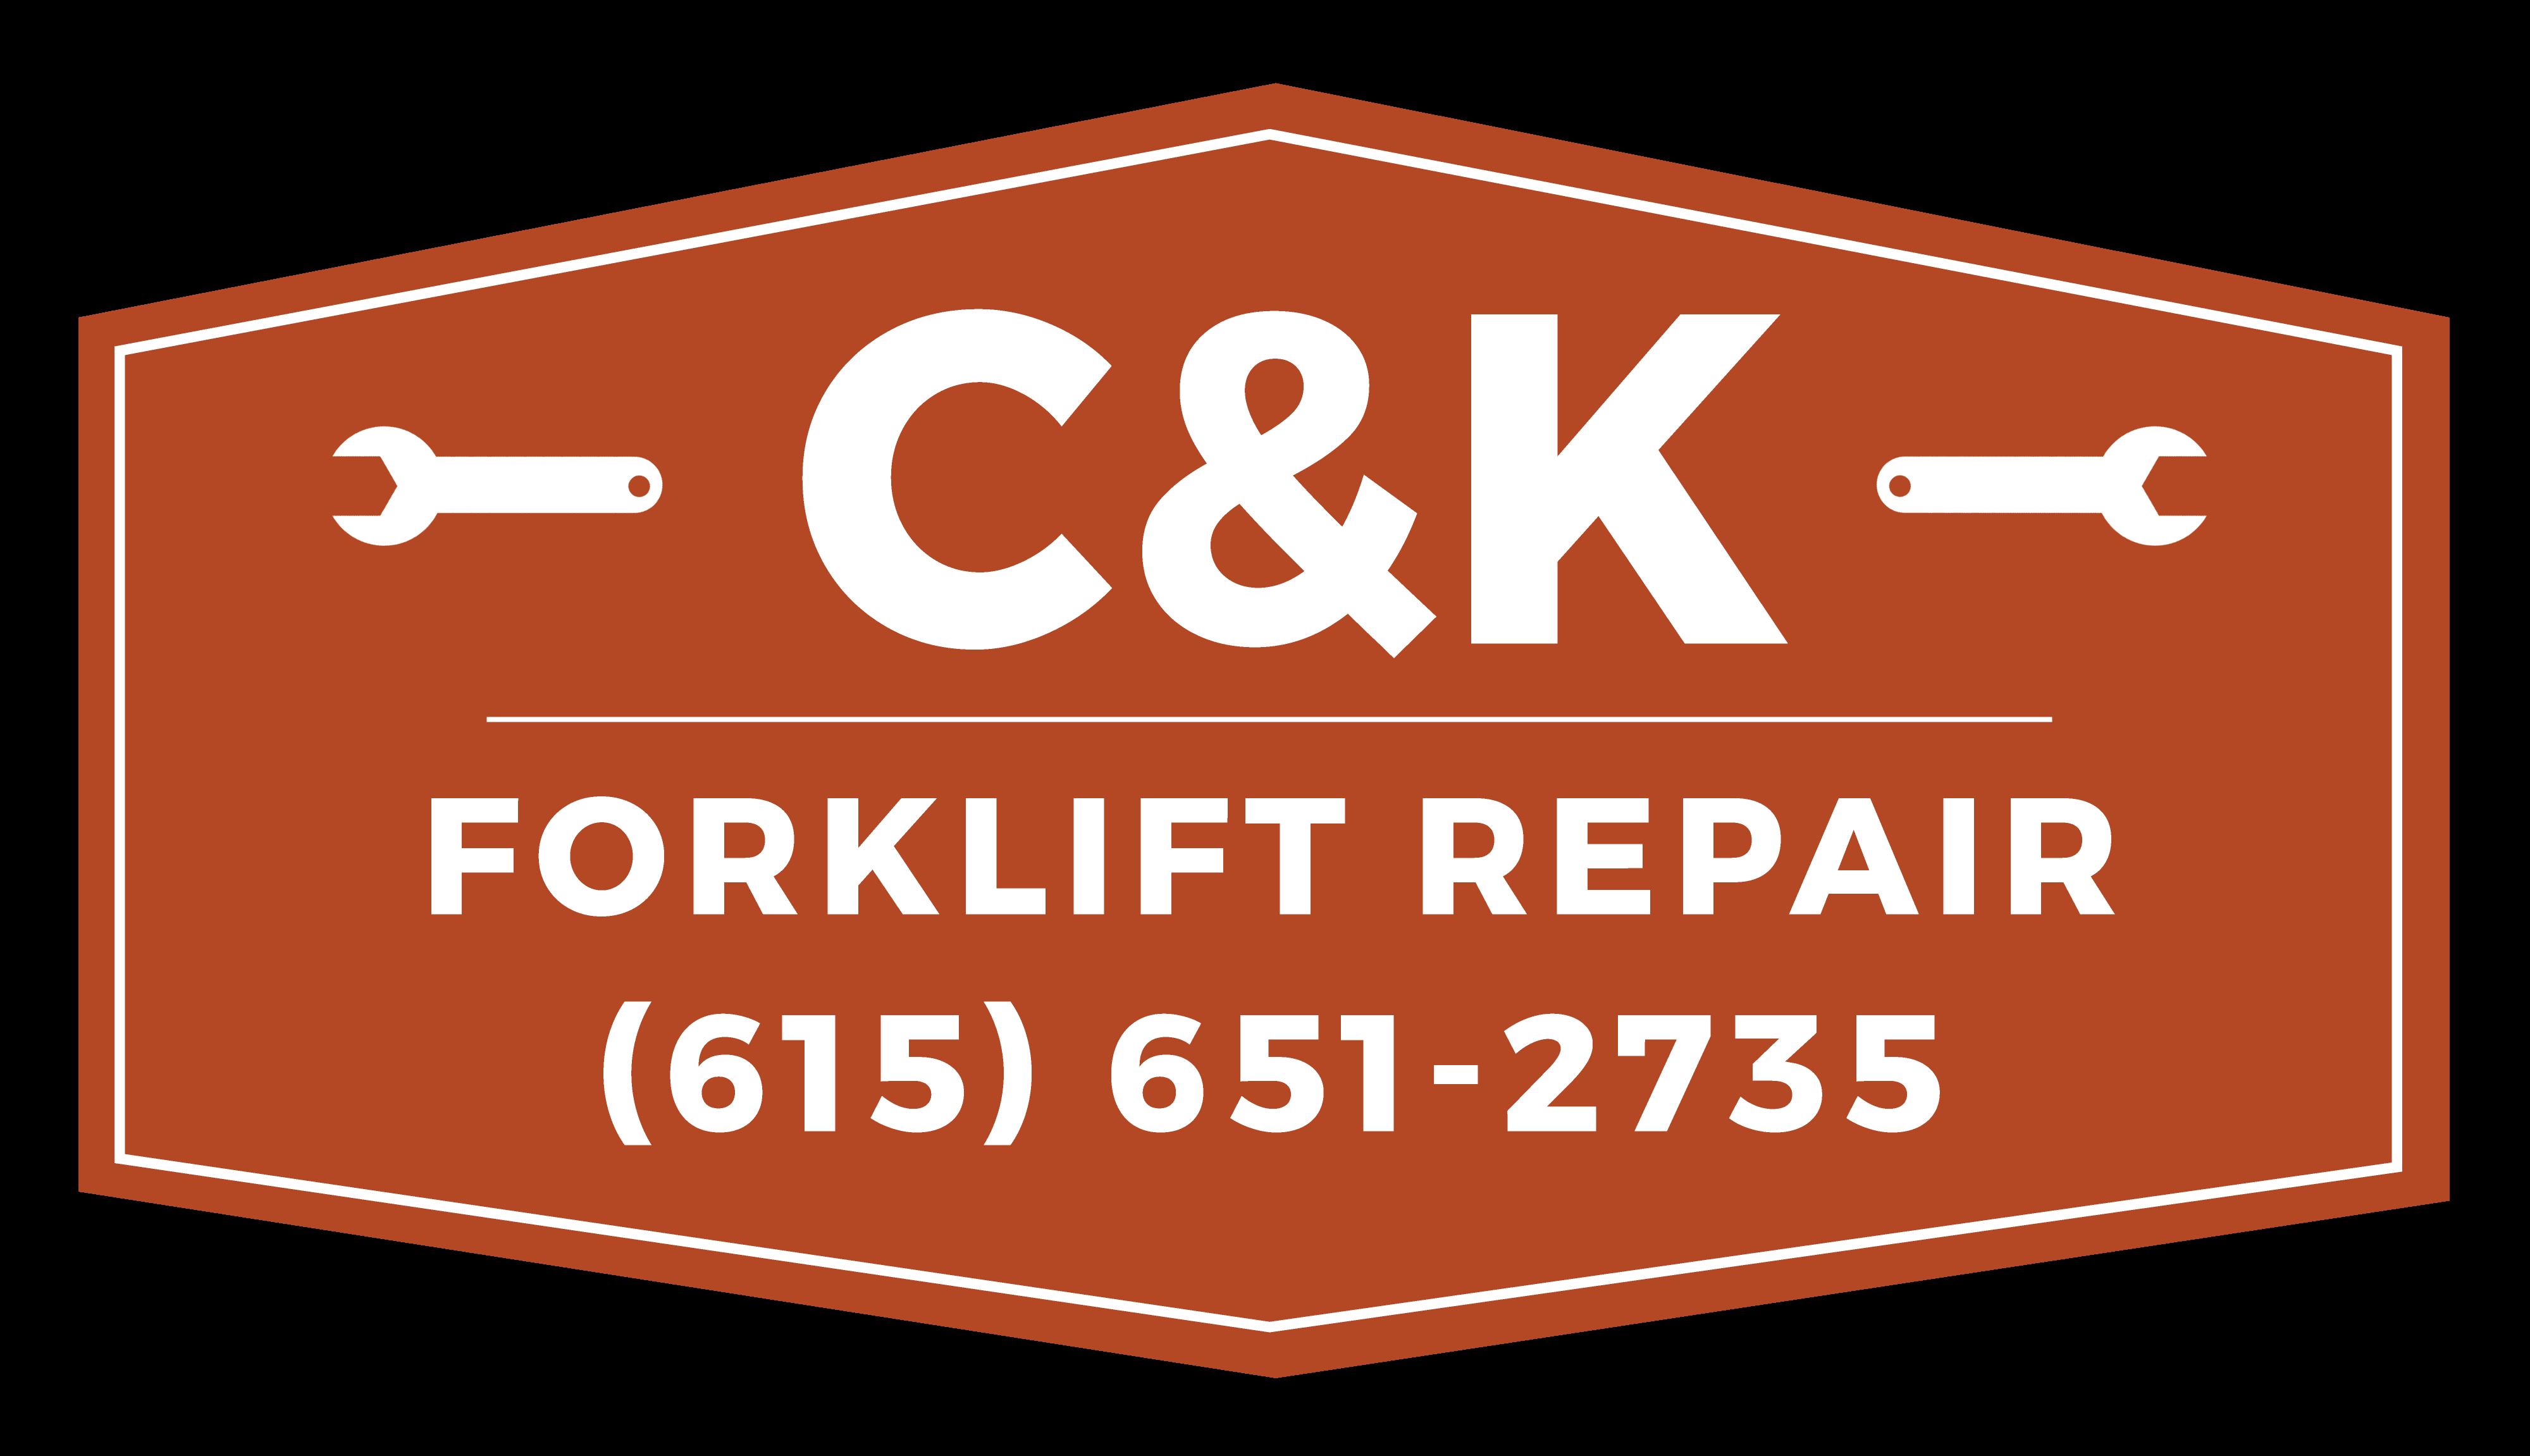 CK Forklift Repair